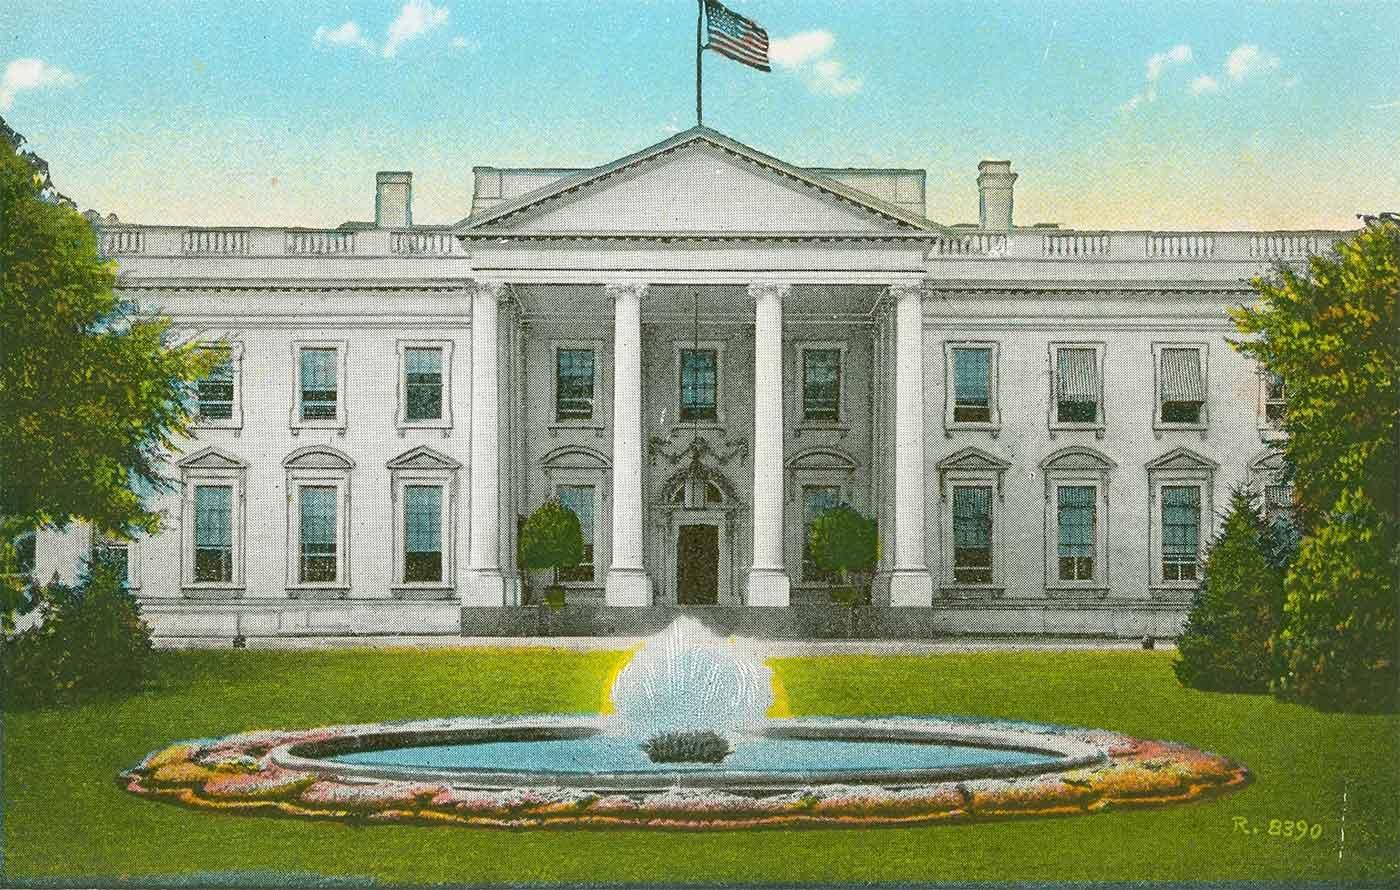 Illustration of the White House Washington D.C.